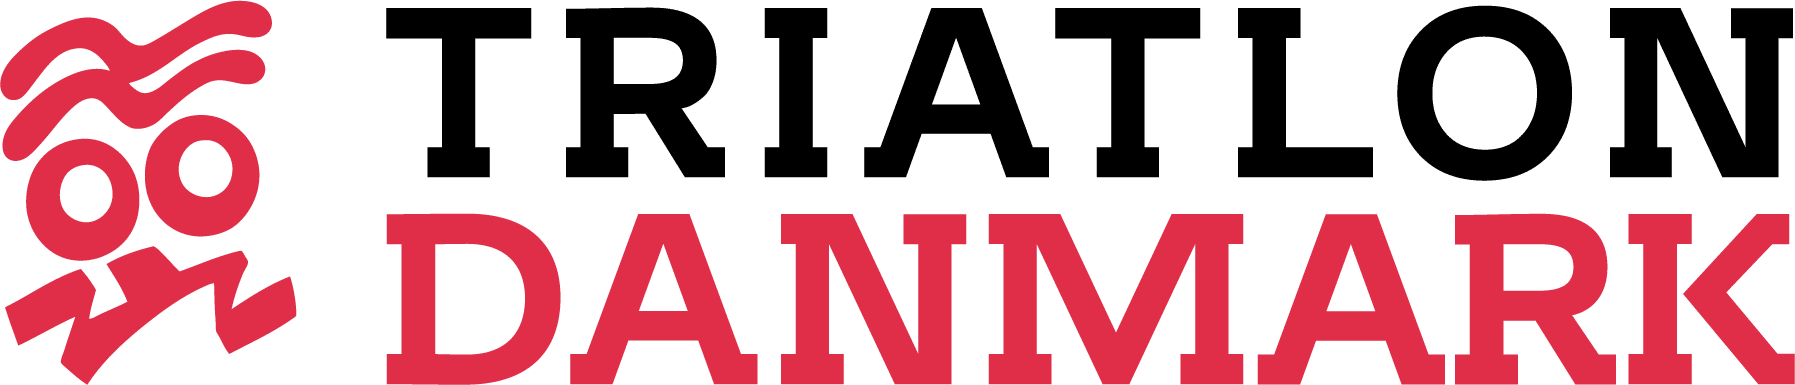 Nye Corona Restriktioner Kan Fa Store Fysiske Og Mentale Omkostninger Triatlon Danmark